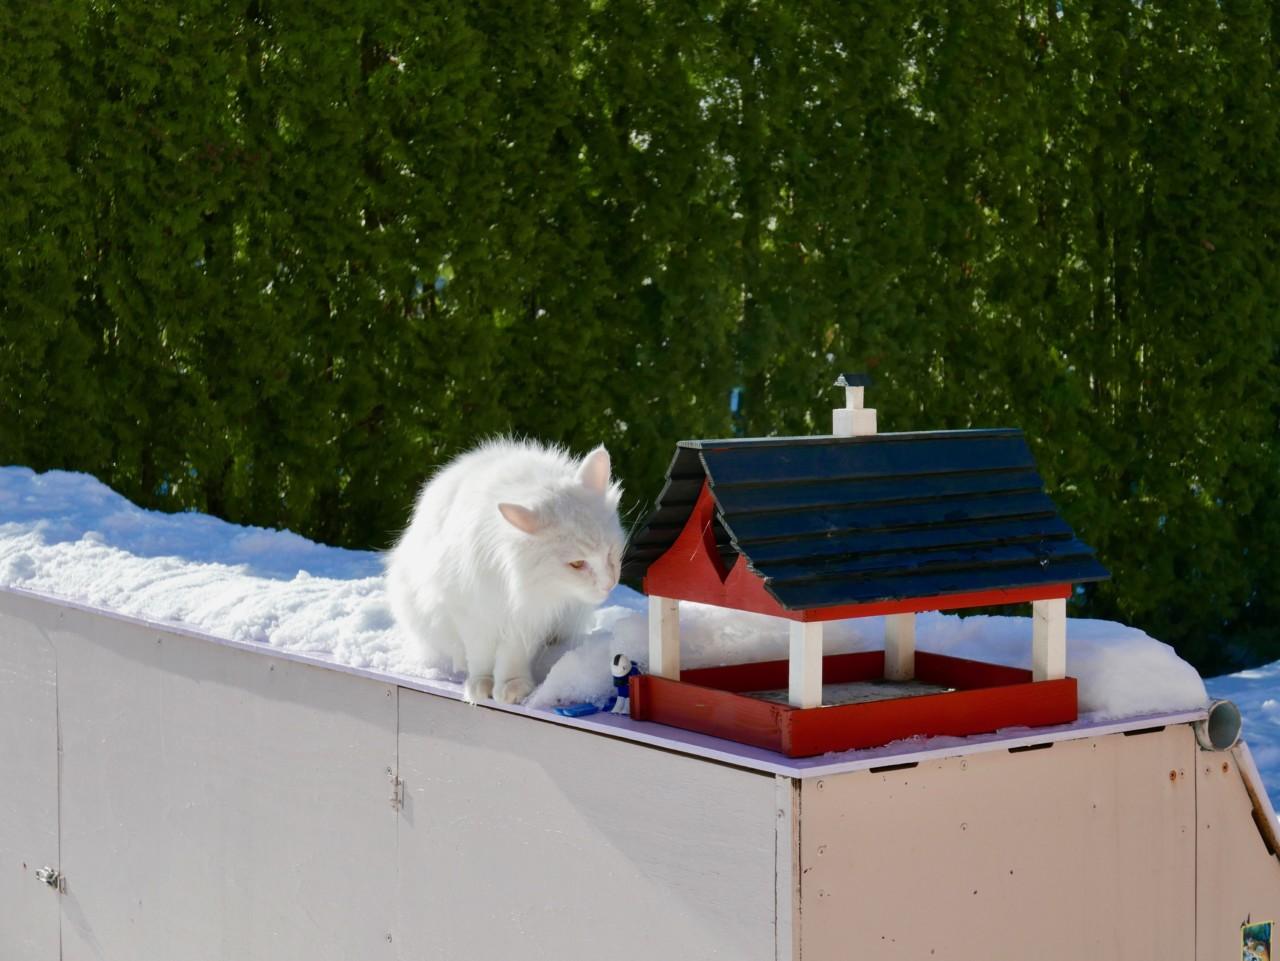 katt-fuglehus-solhatt-sol-vinter-green-house